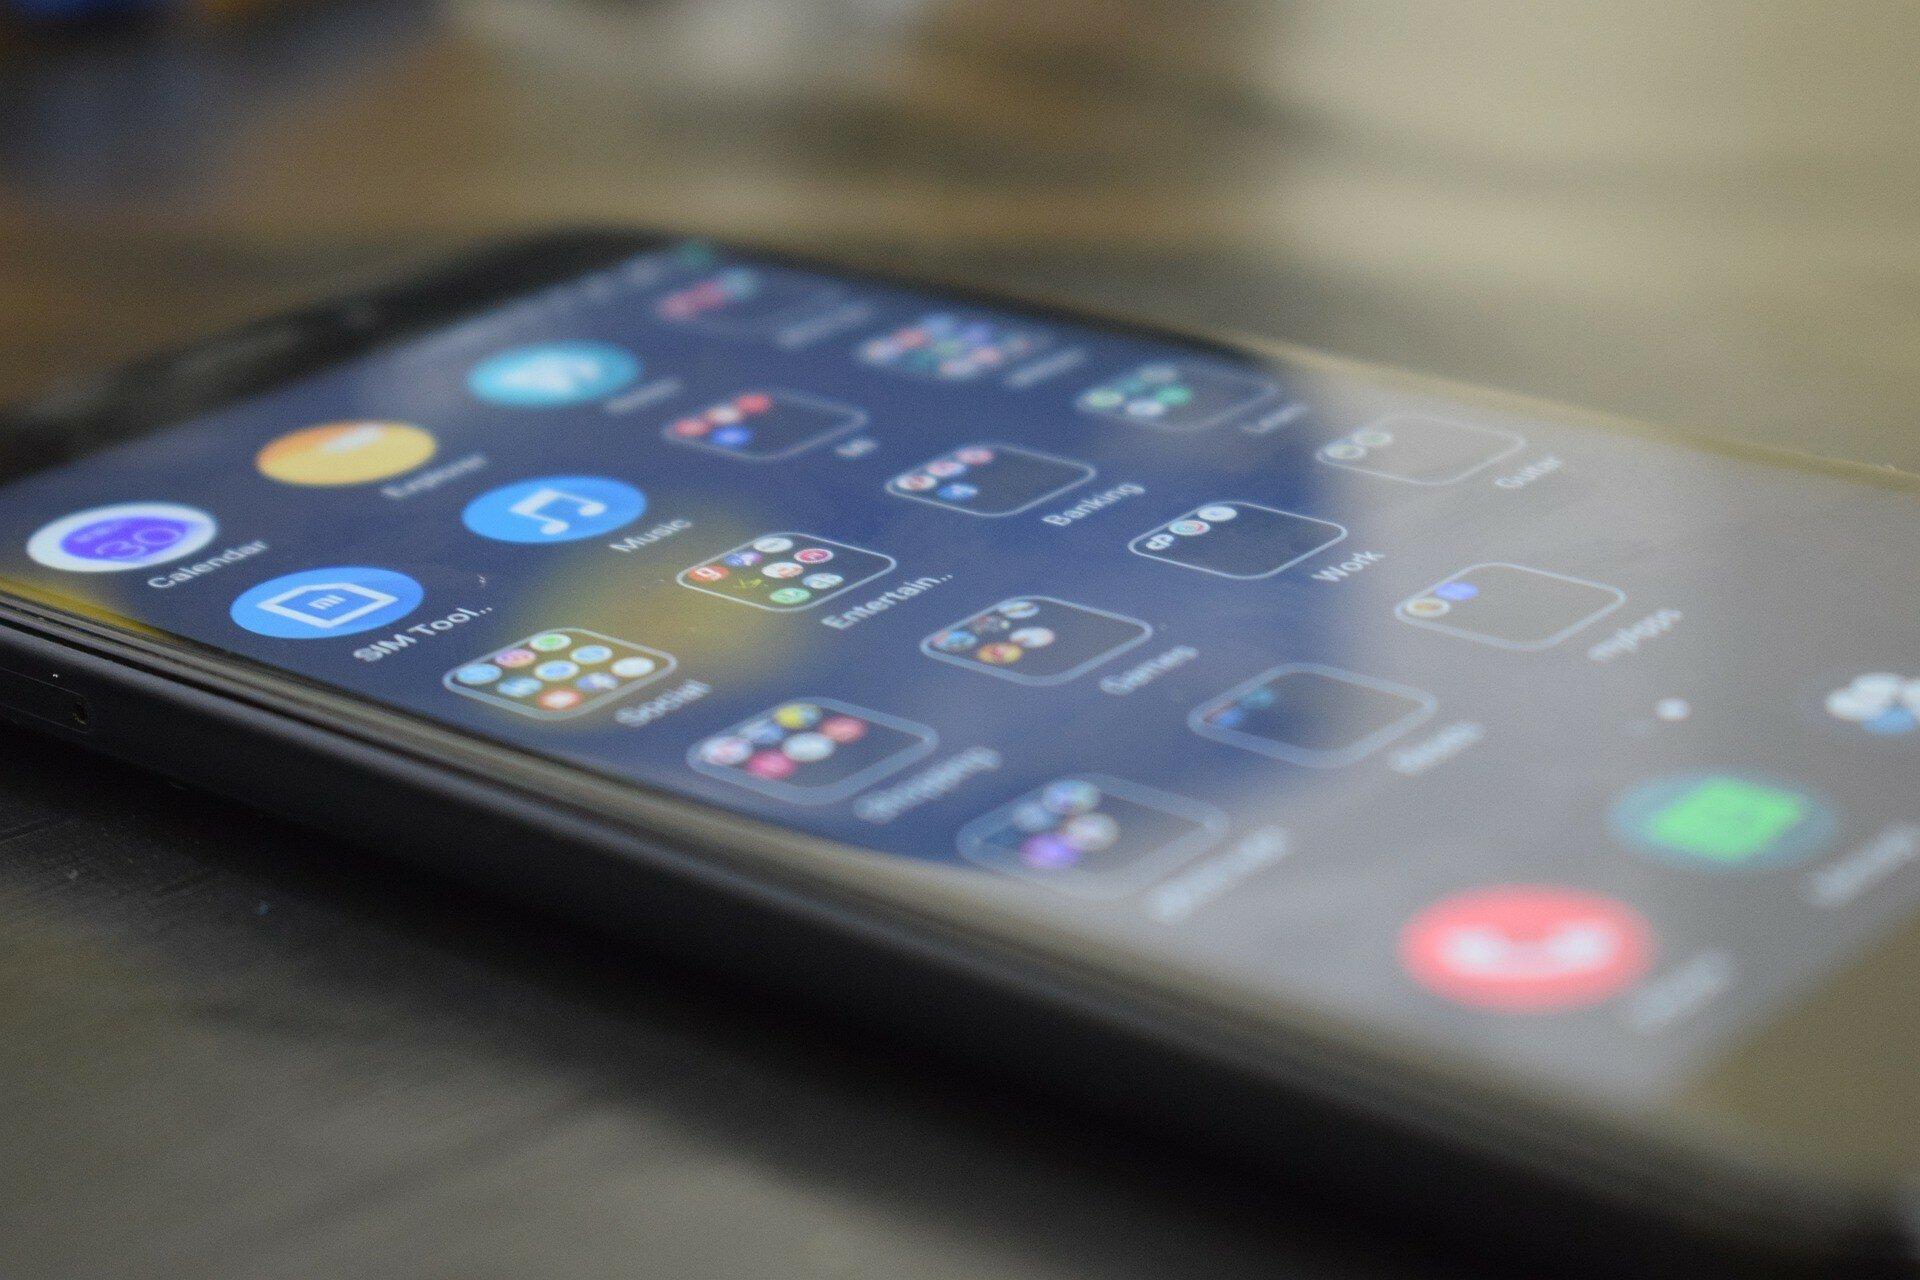 Мобильные операторы следят за абонентами через SIM-карты